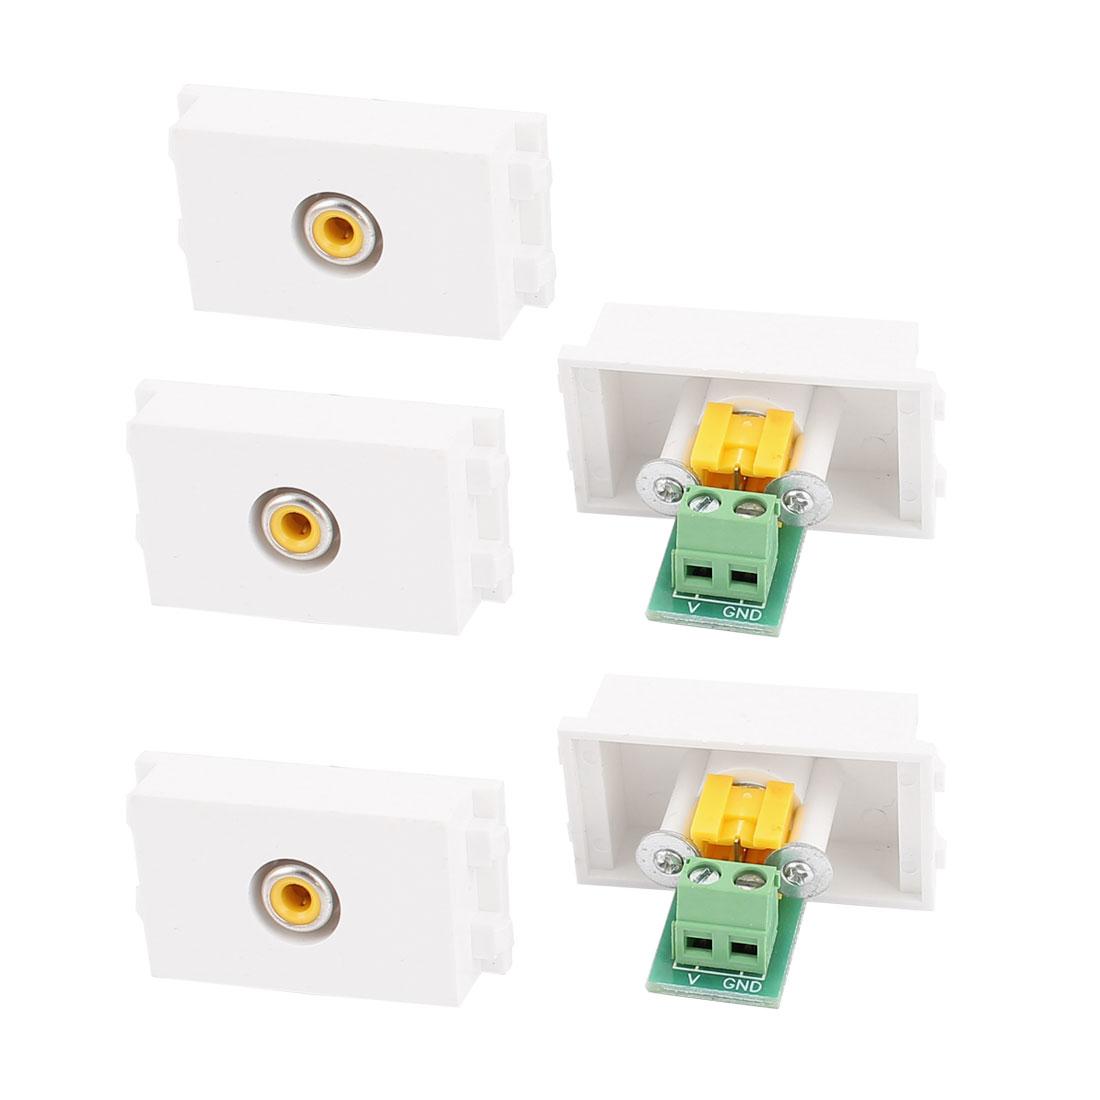 5 Pcs RCA AV Single Female Jack Adapter Modular Socket for 128 Wall Plate Panel